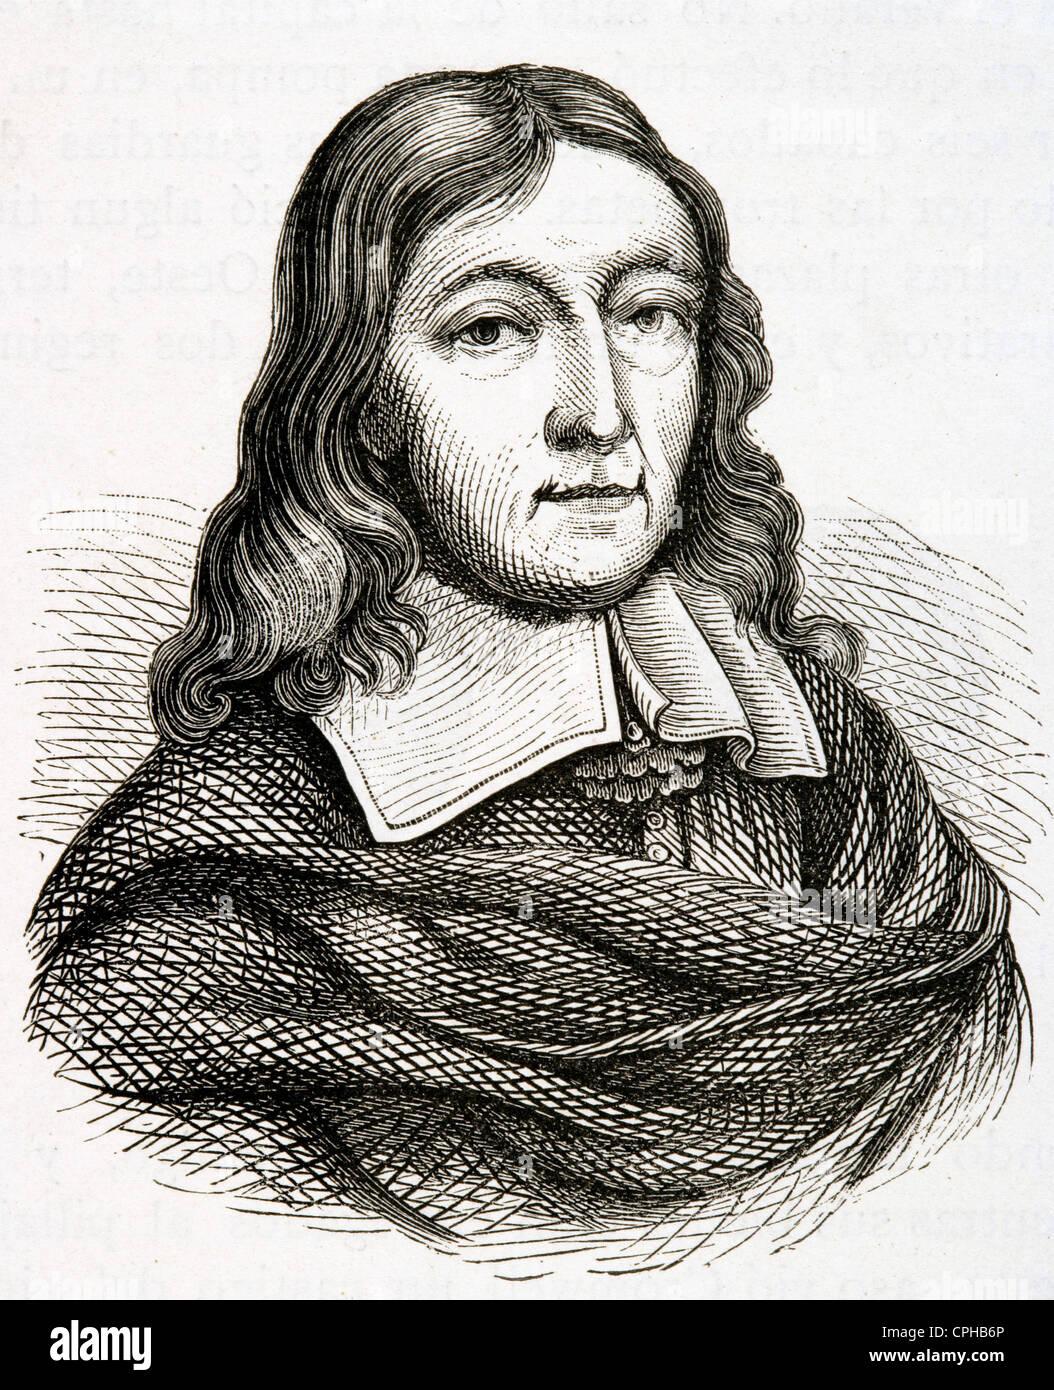 John Milton (1608-1674). British poet. Engraving. 19th century. - Stock Image